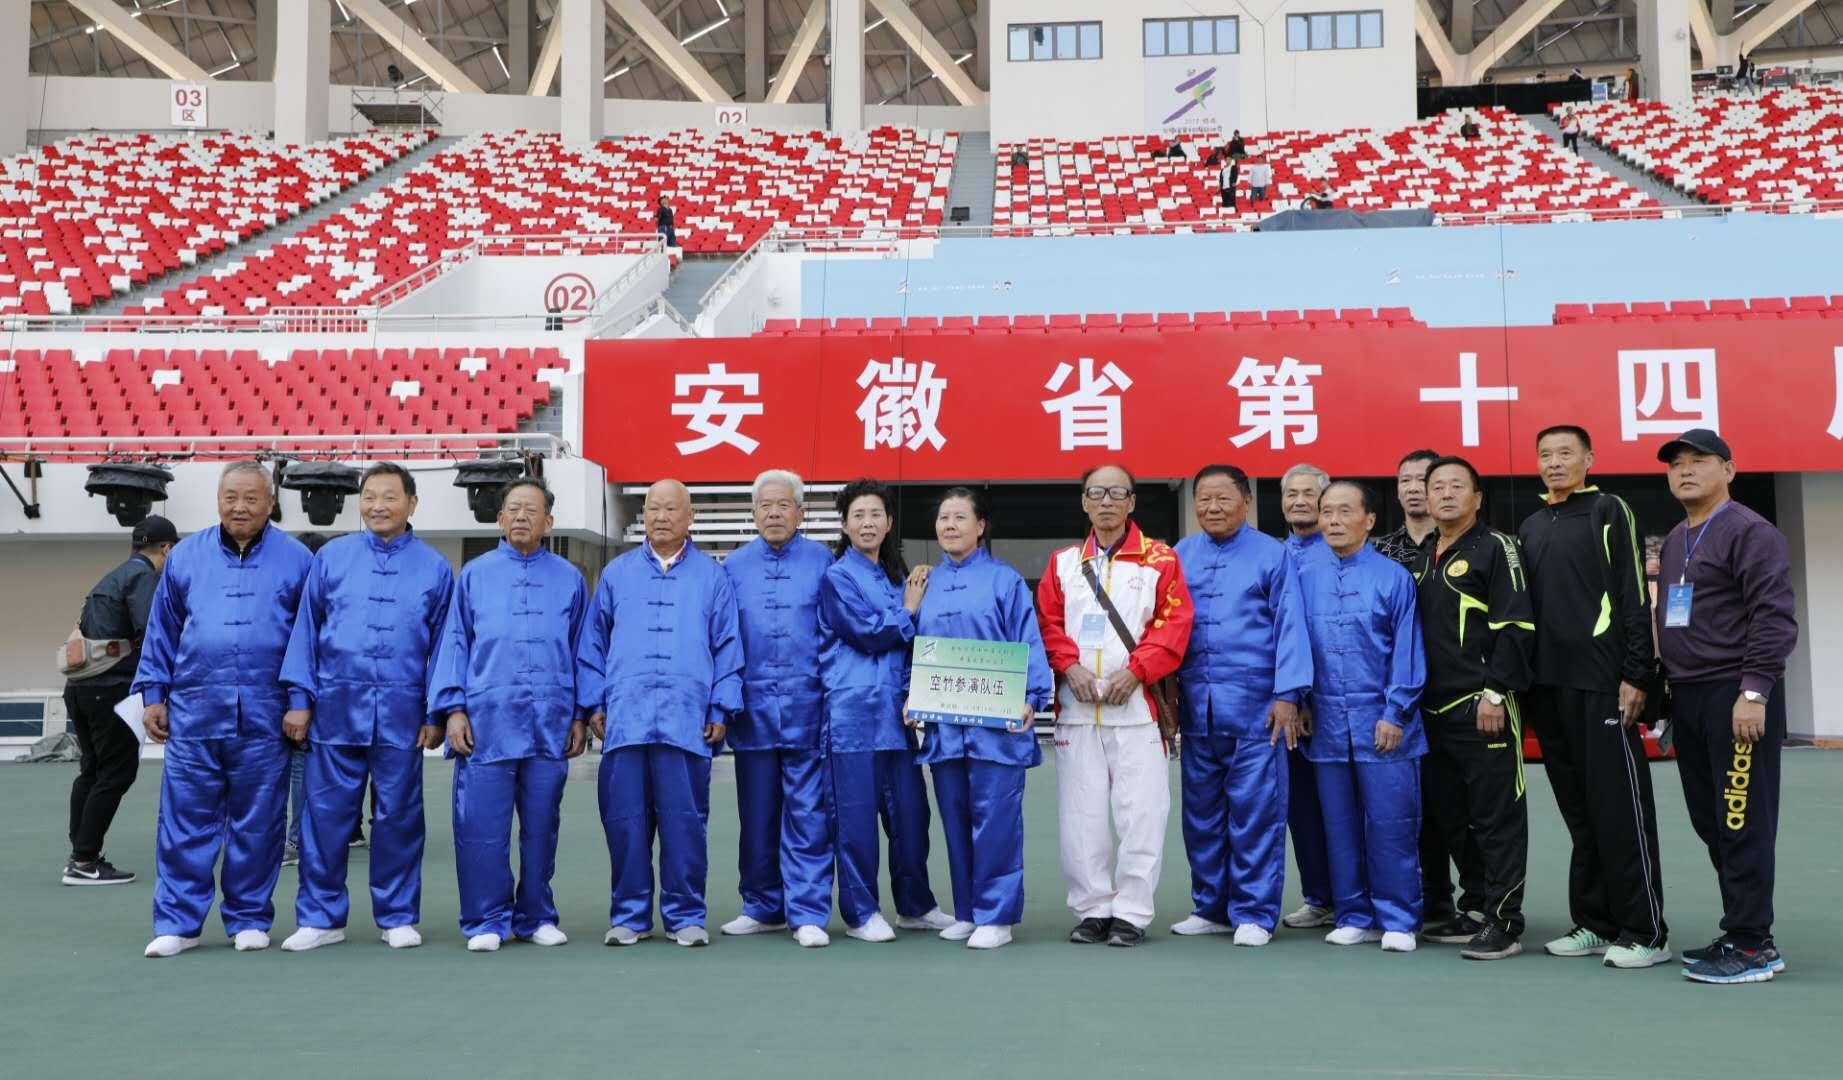 神鞭扬出民族文化 飞龙舞出体育情怀——记蚌埠市健身鞭协会